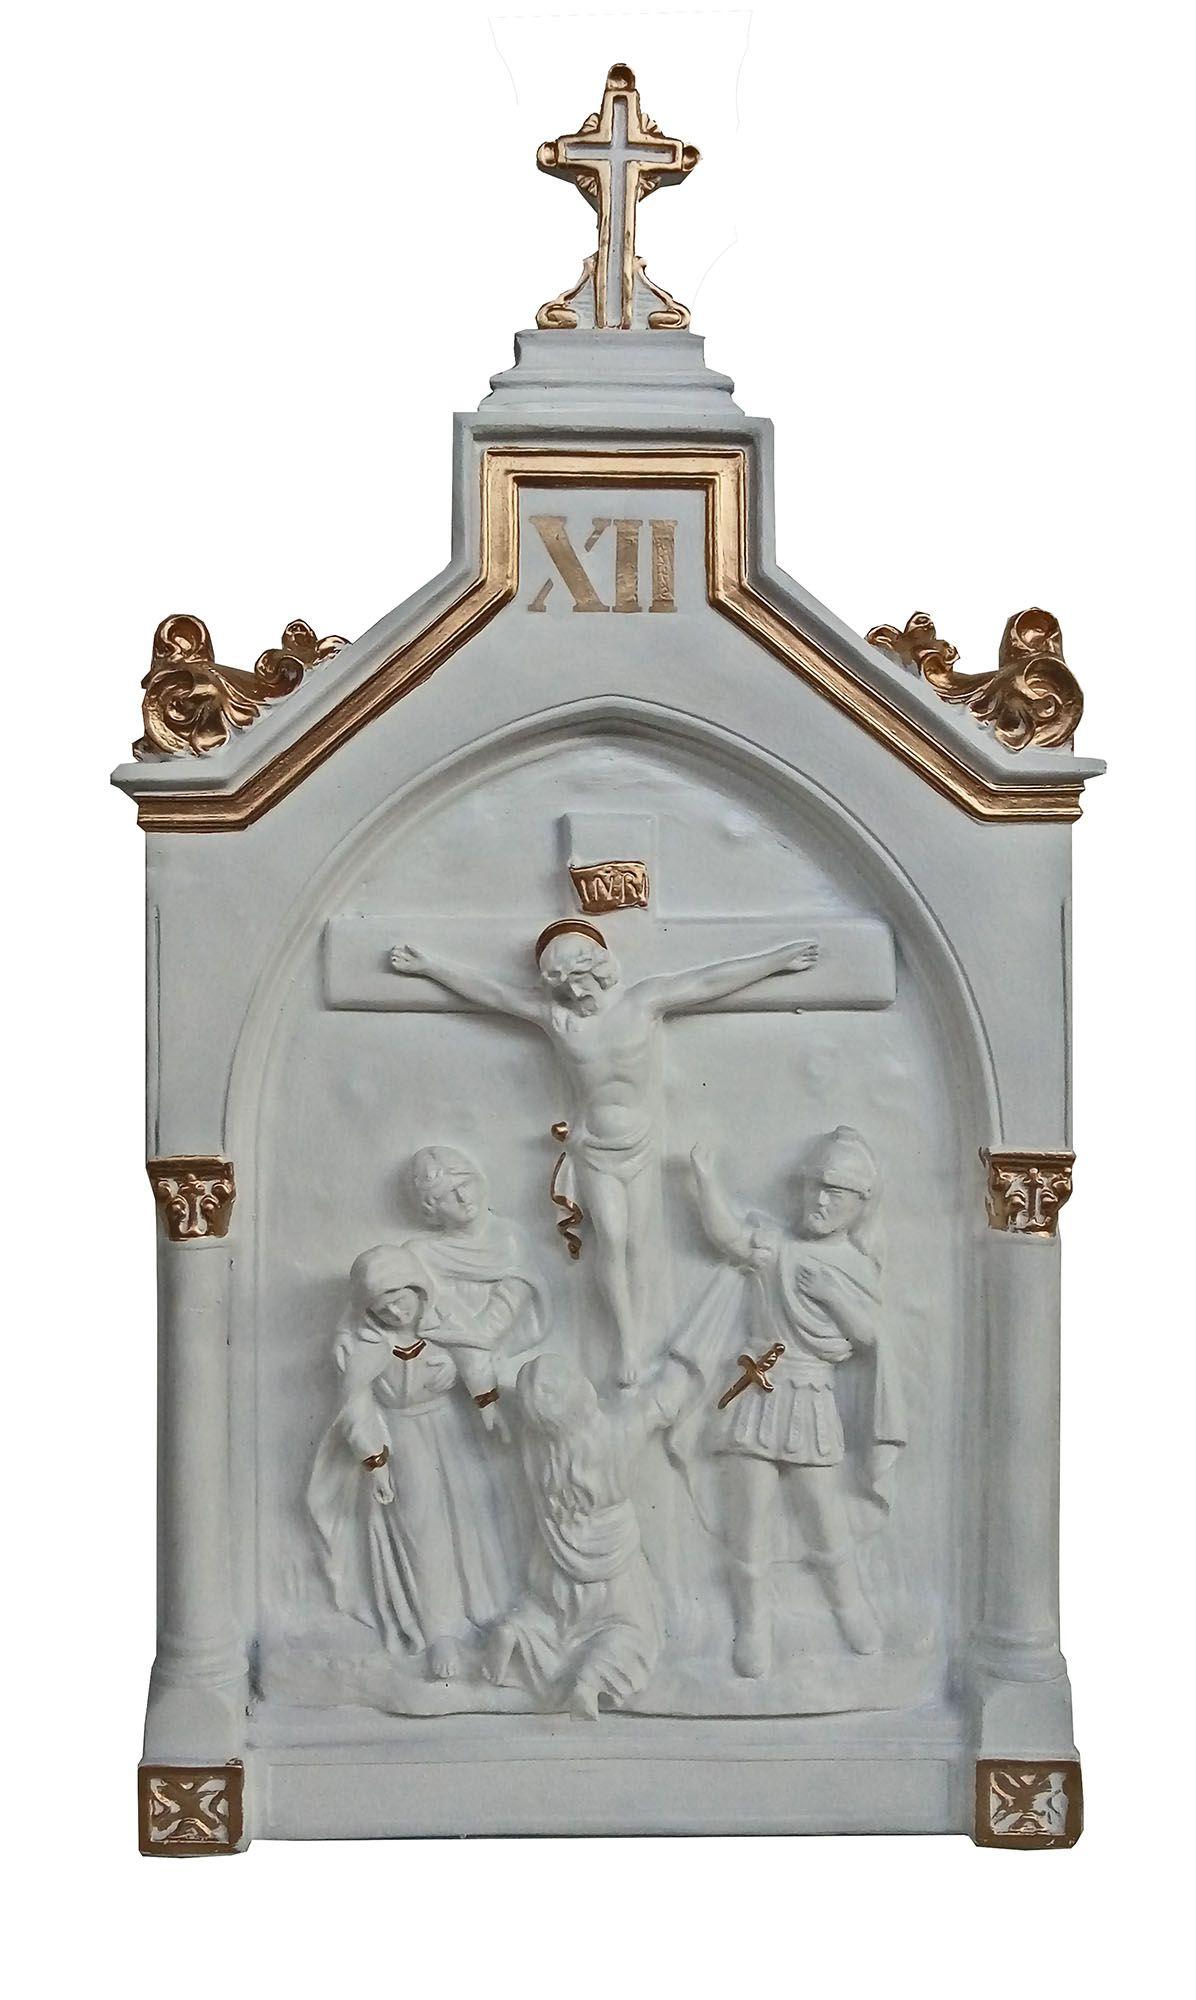 Via Sacra (branca e dourada) - 90 cm x 50 cm